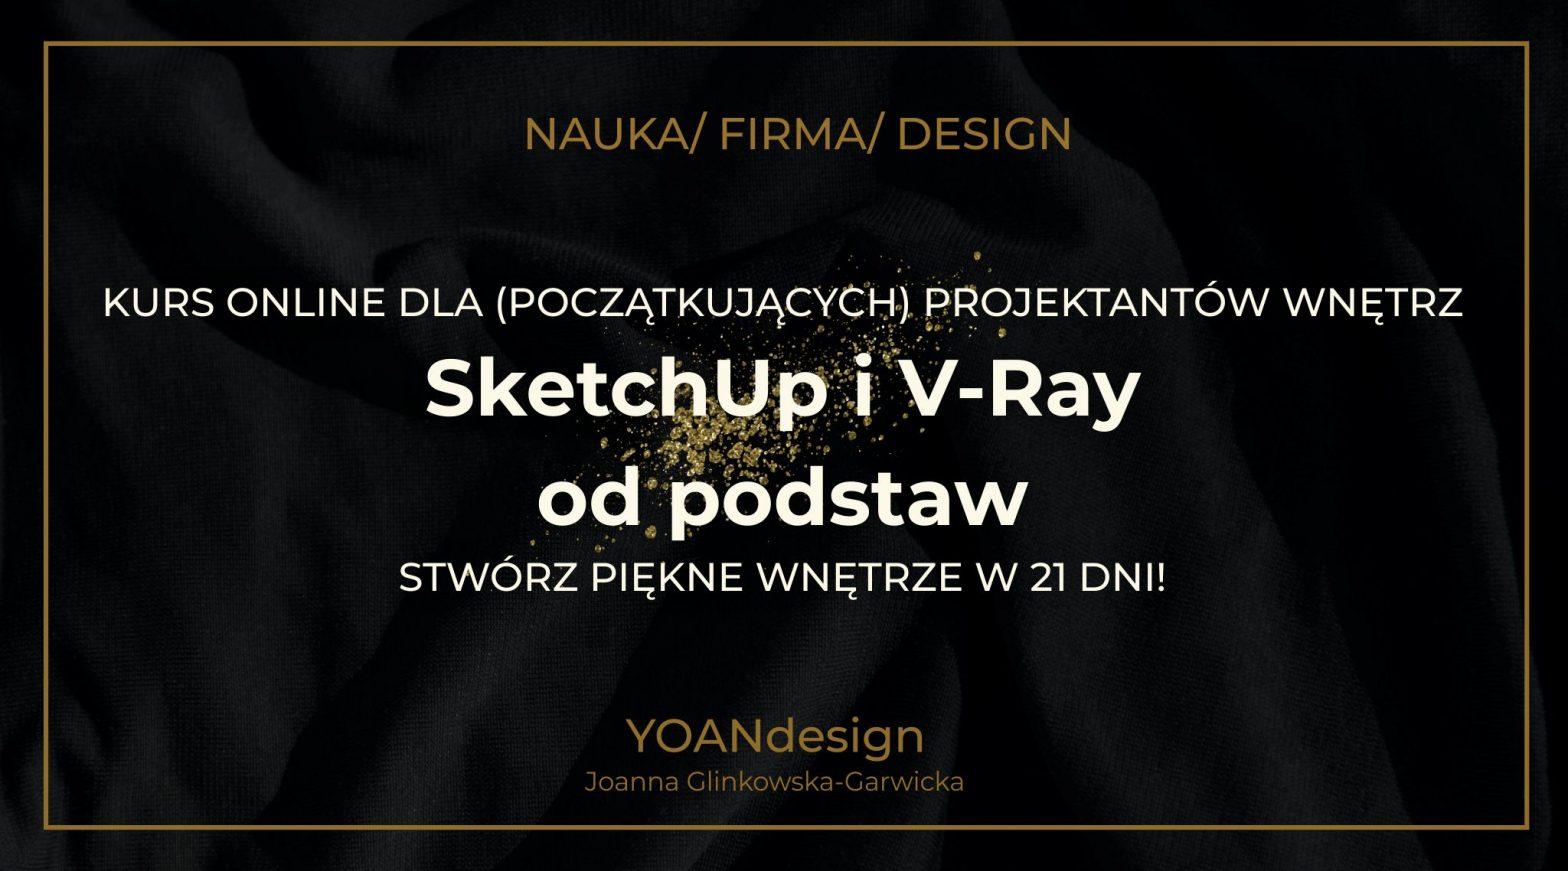 SketchUp i V-Ray od podstaw - Nowa Edycja